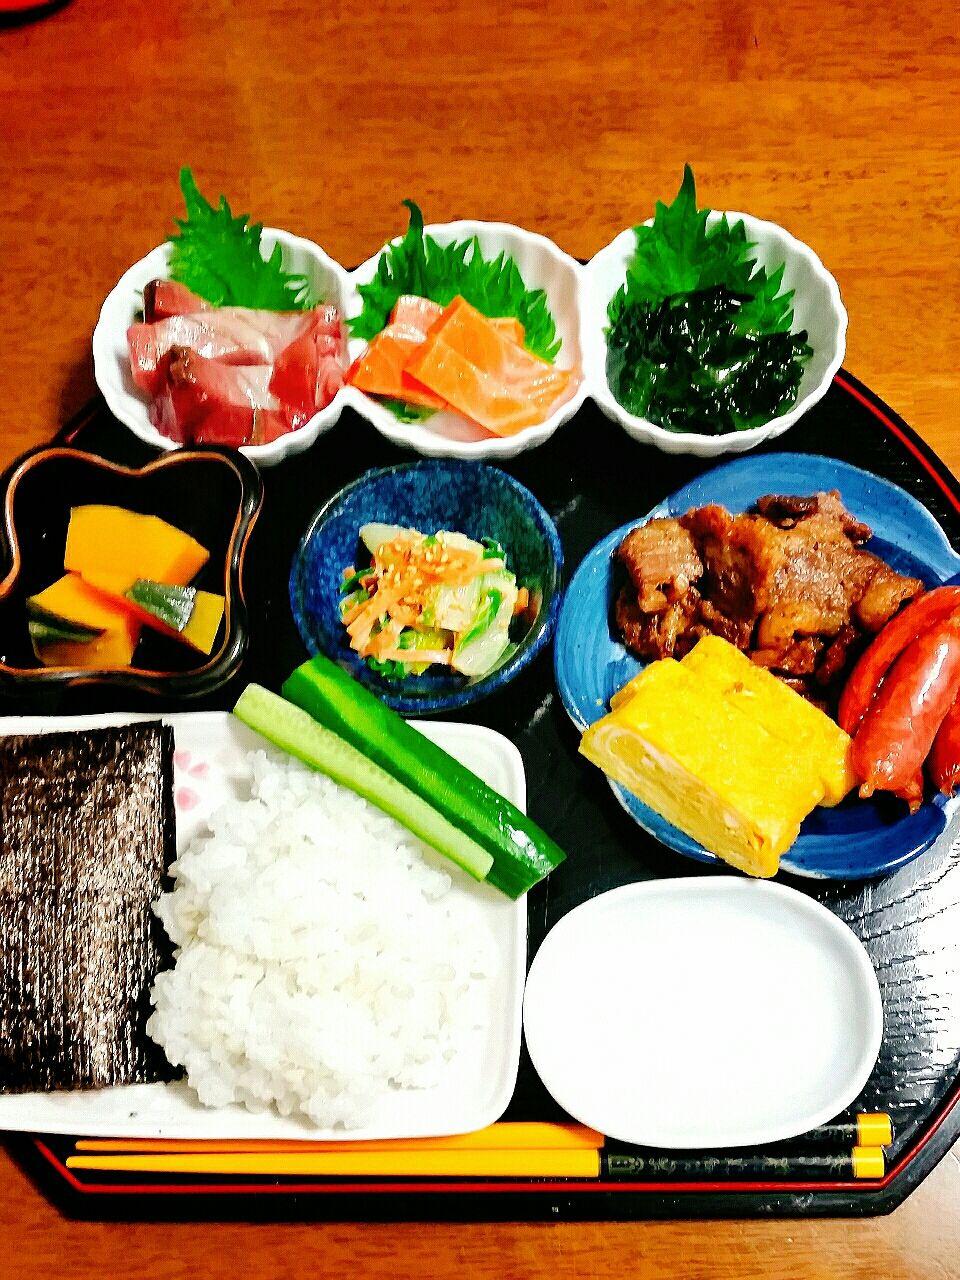 手 巻き 寿司 献立 パーティーにおすすめの手まり寿司献立4提案|誕生日やひな祭りに人気...